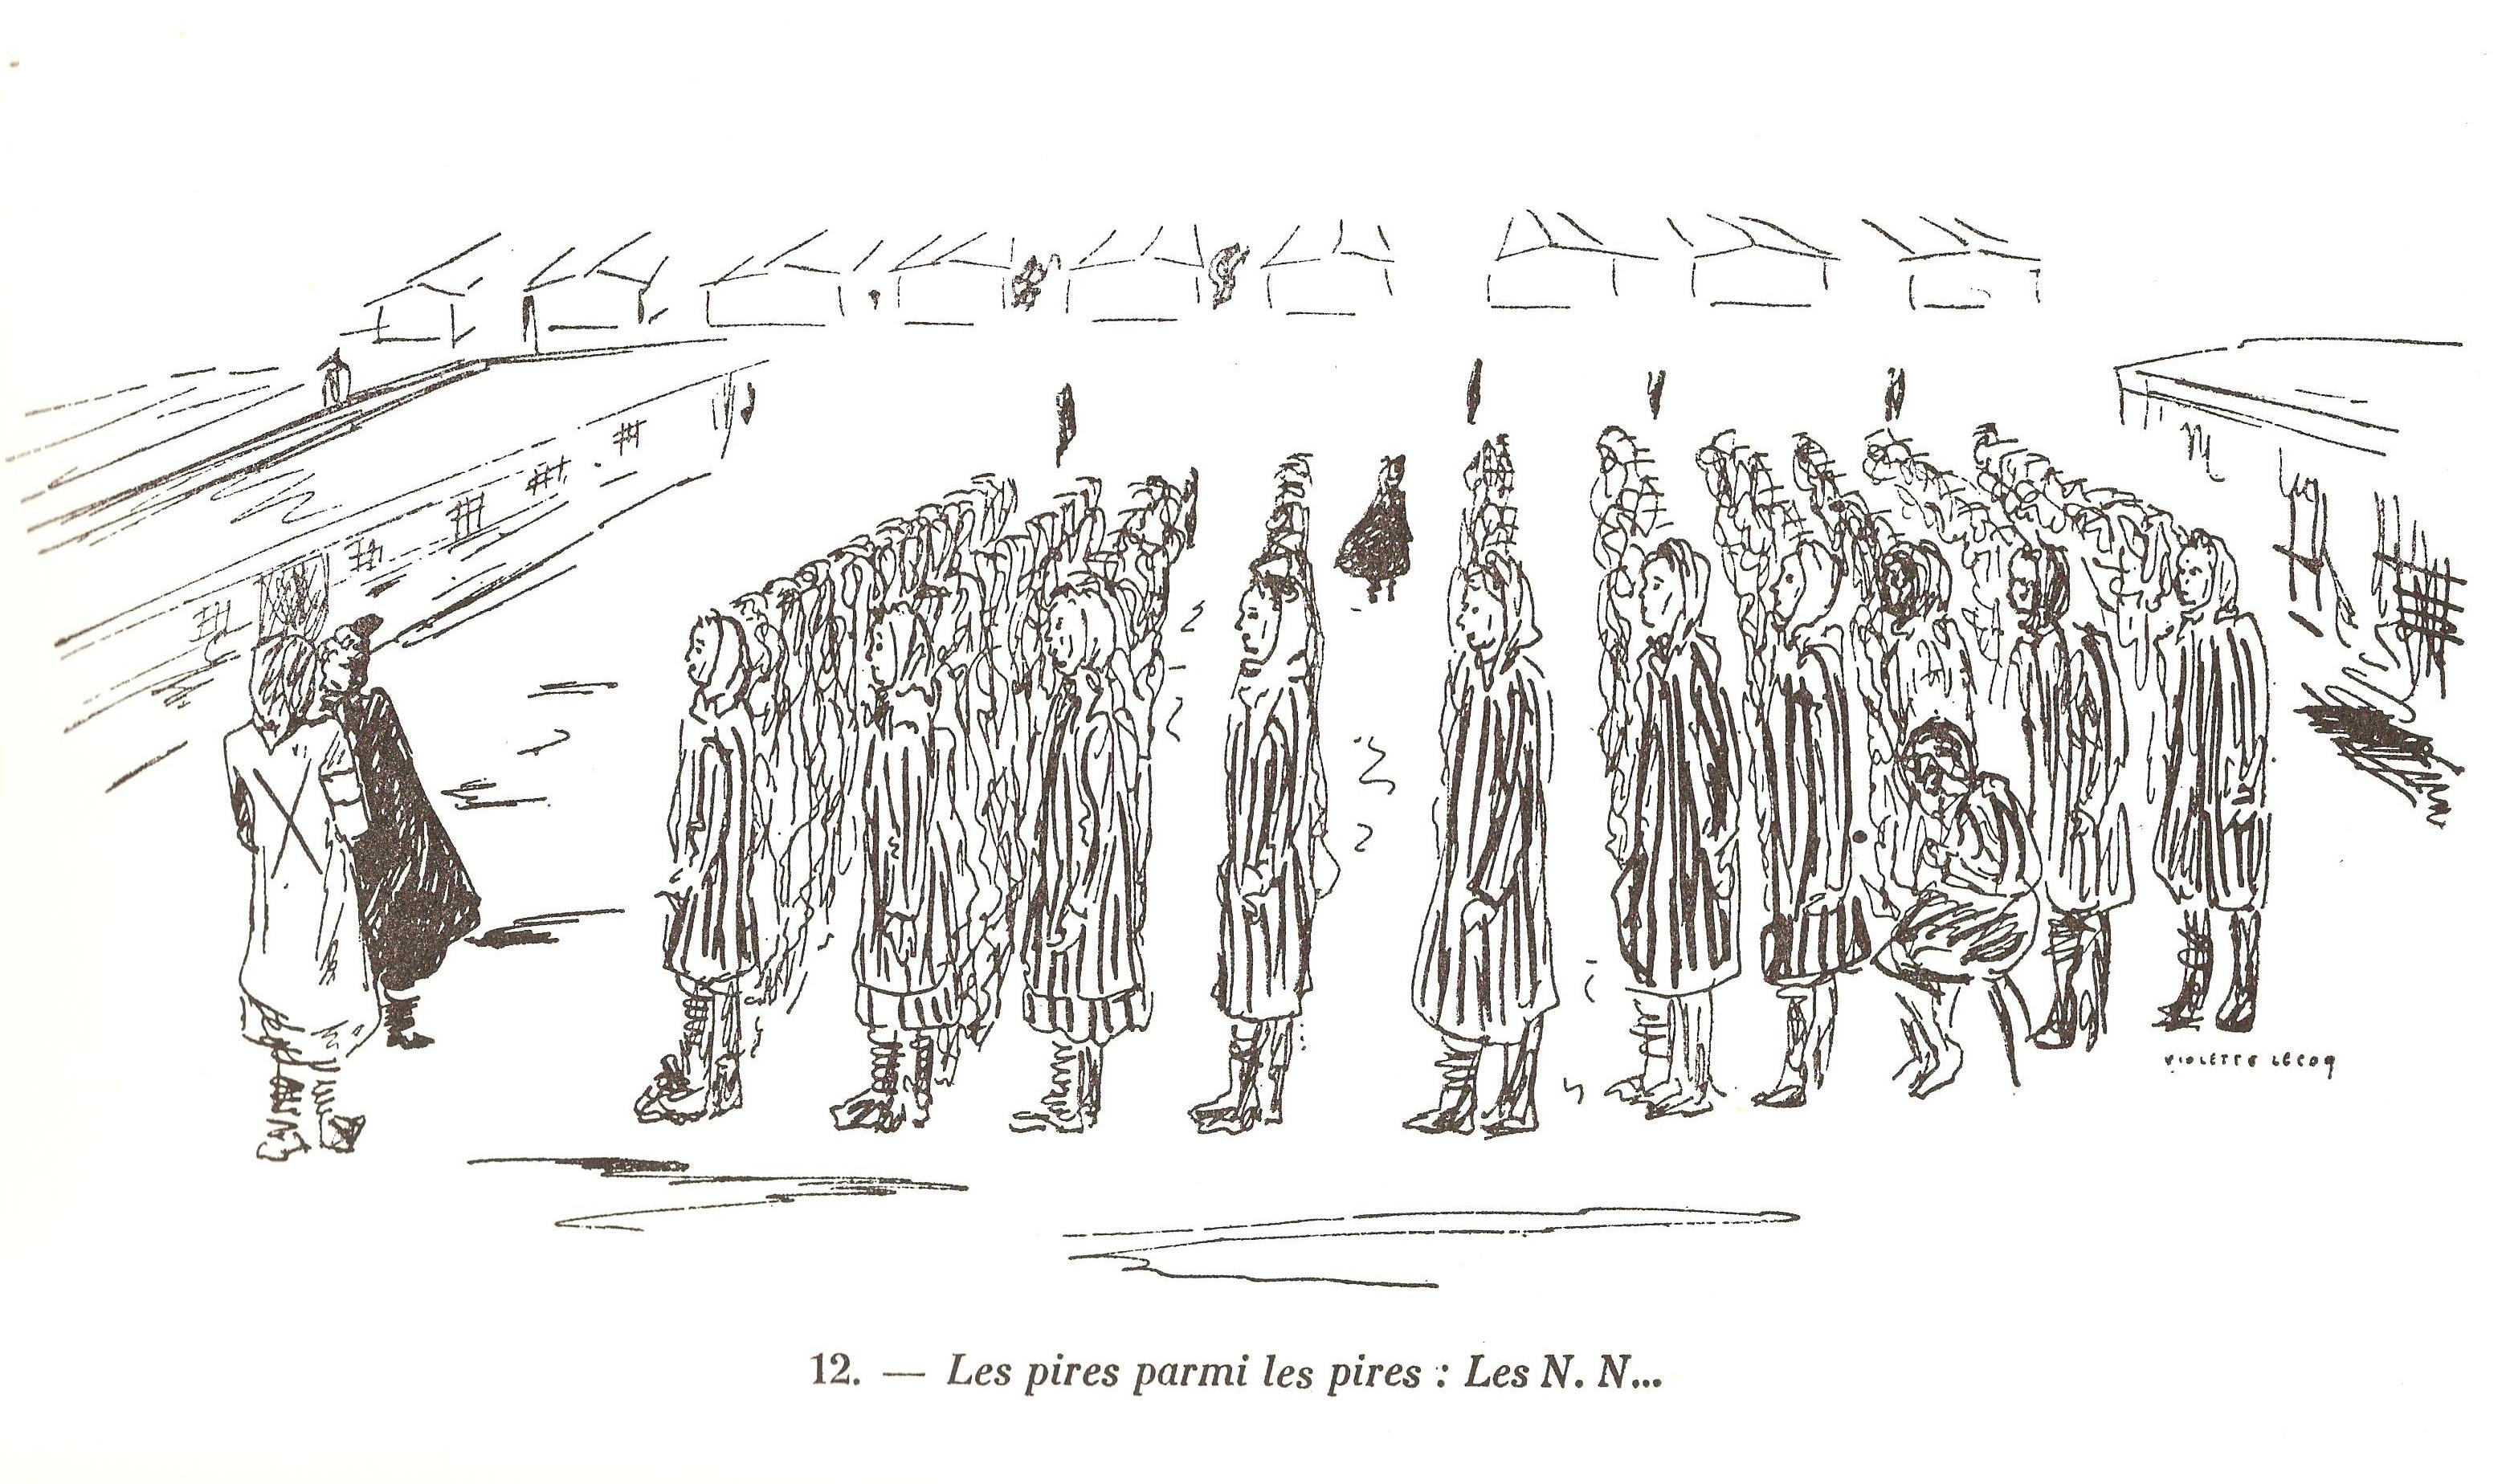 12- LES PIRES PARMI LES PIRES. N.N 001